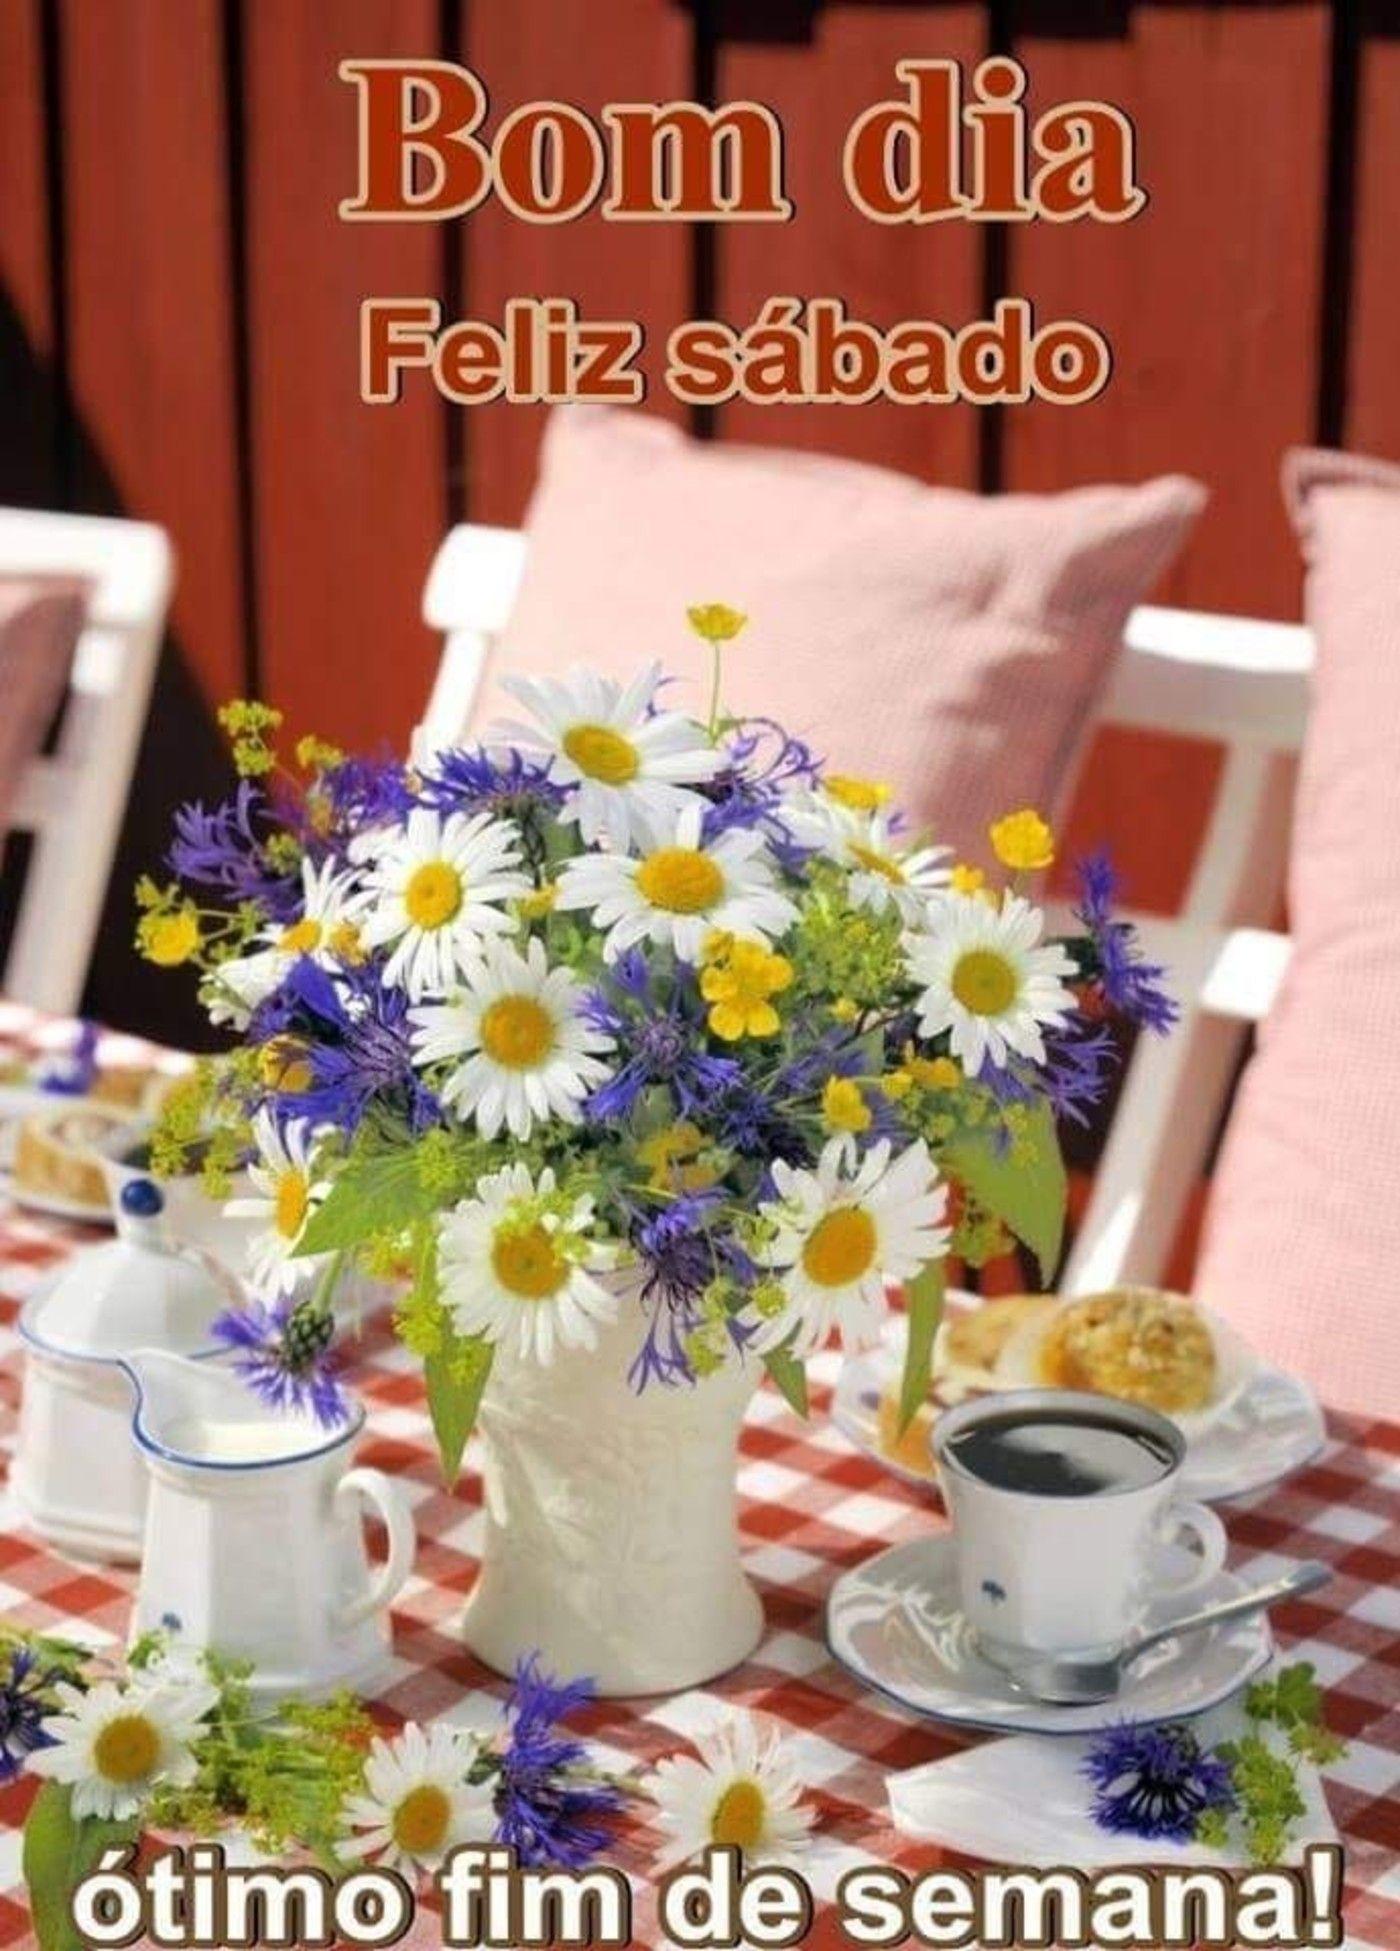 Bom Dia Feliz Sabado Otimo Fim De Semana 240 Bom Dia Sabado